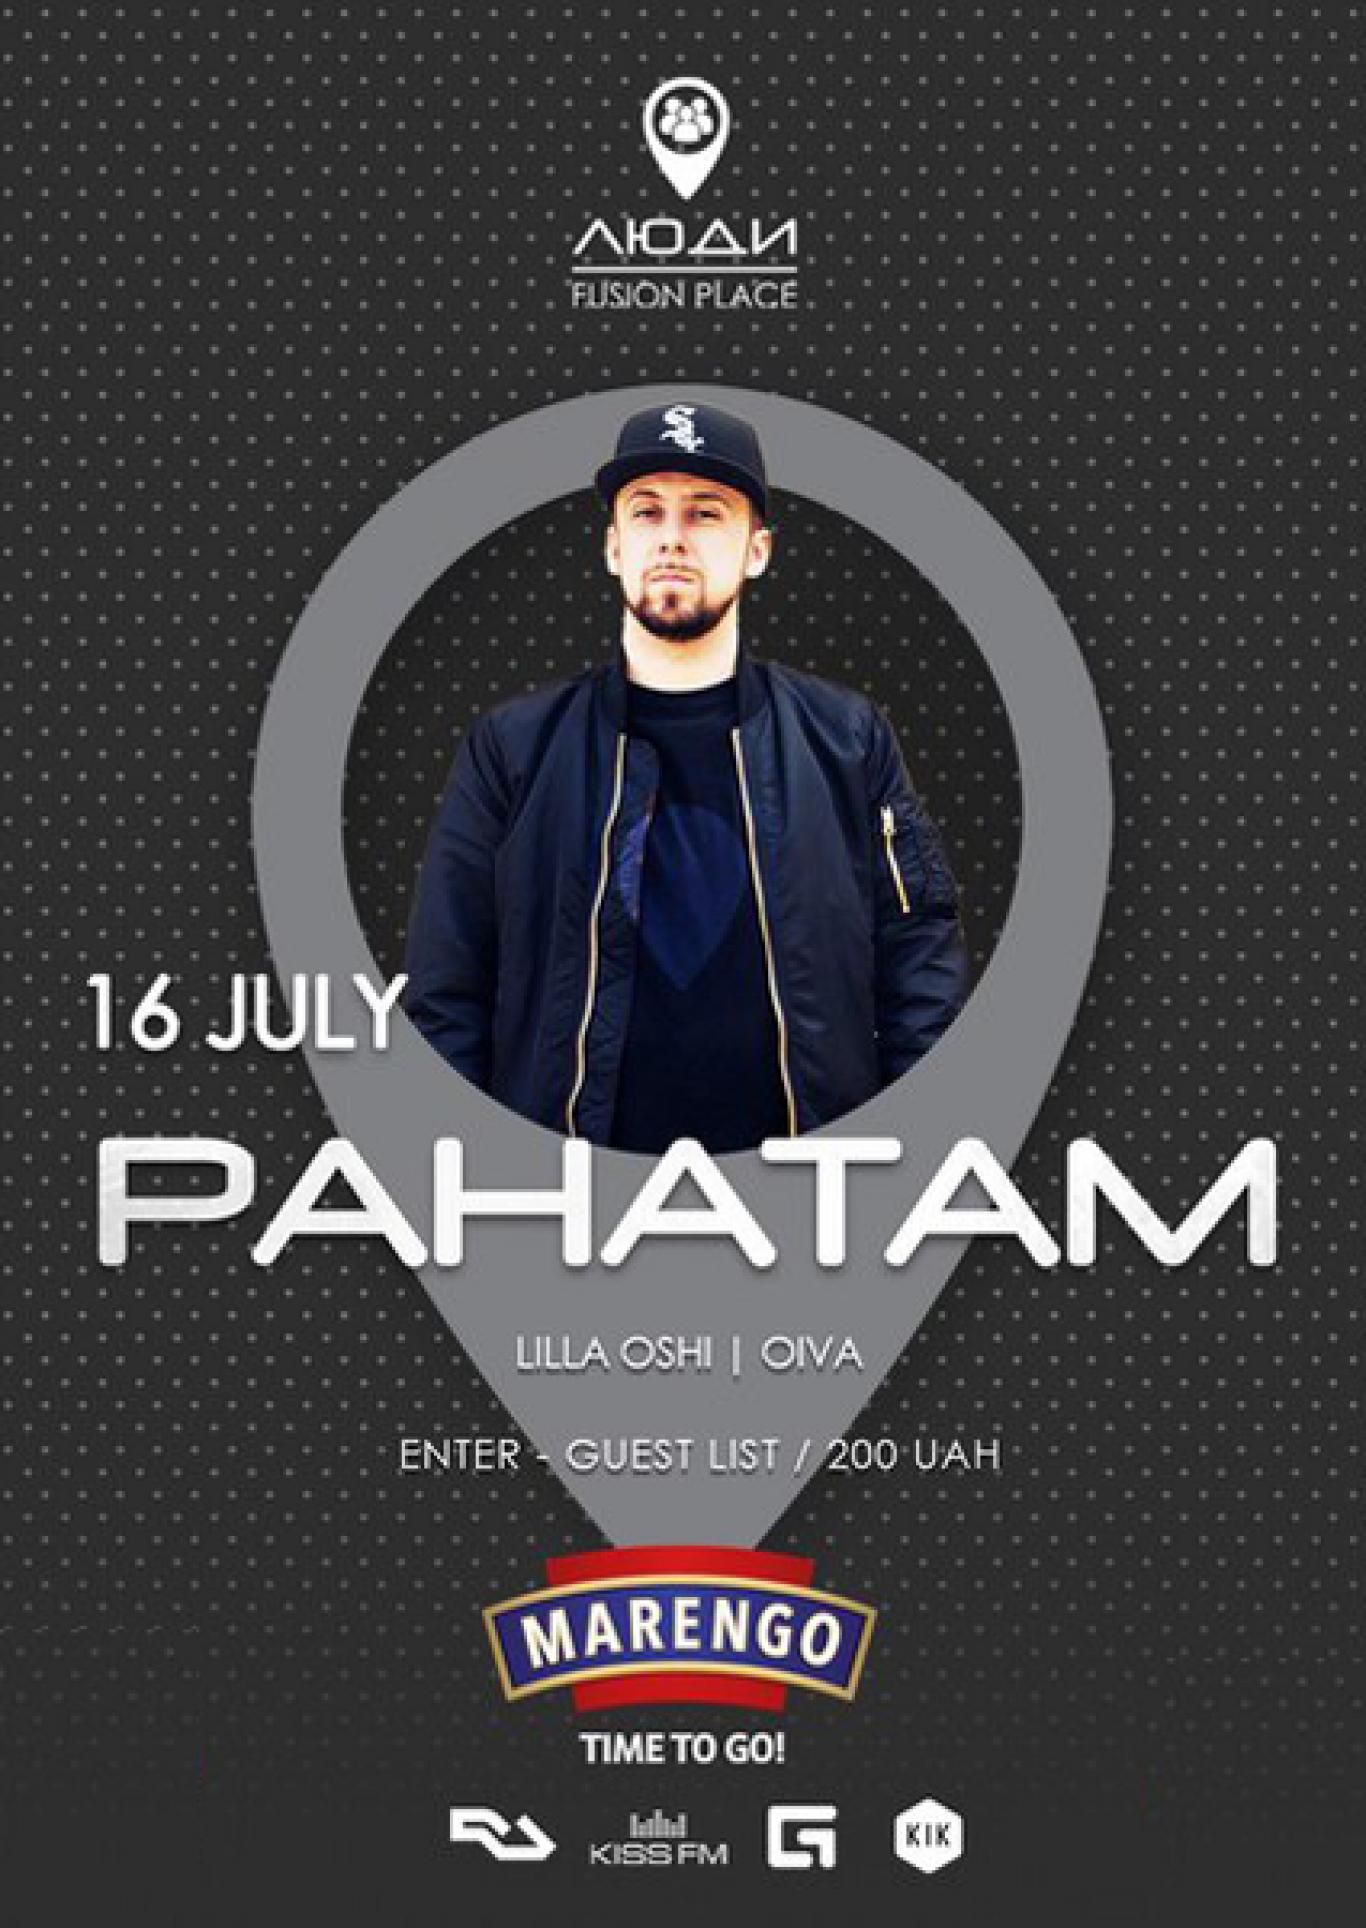 Вечірка з DJ PAHATAM